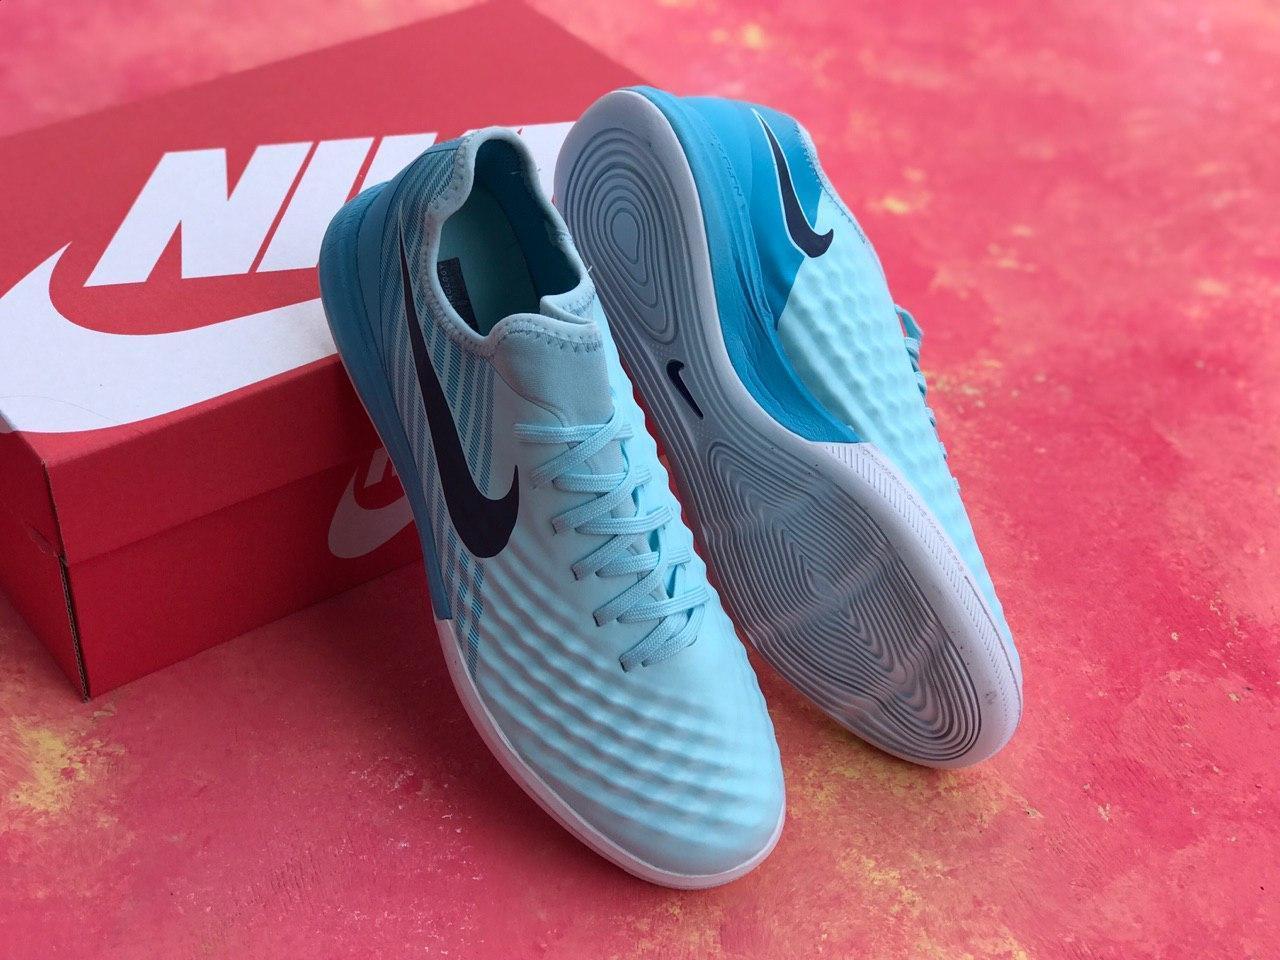 Футзалки блакитні Nike Magista TF футбольна взуття